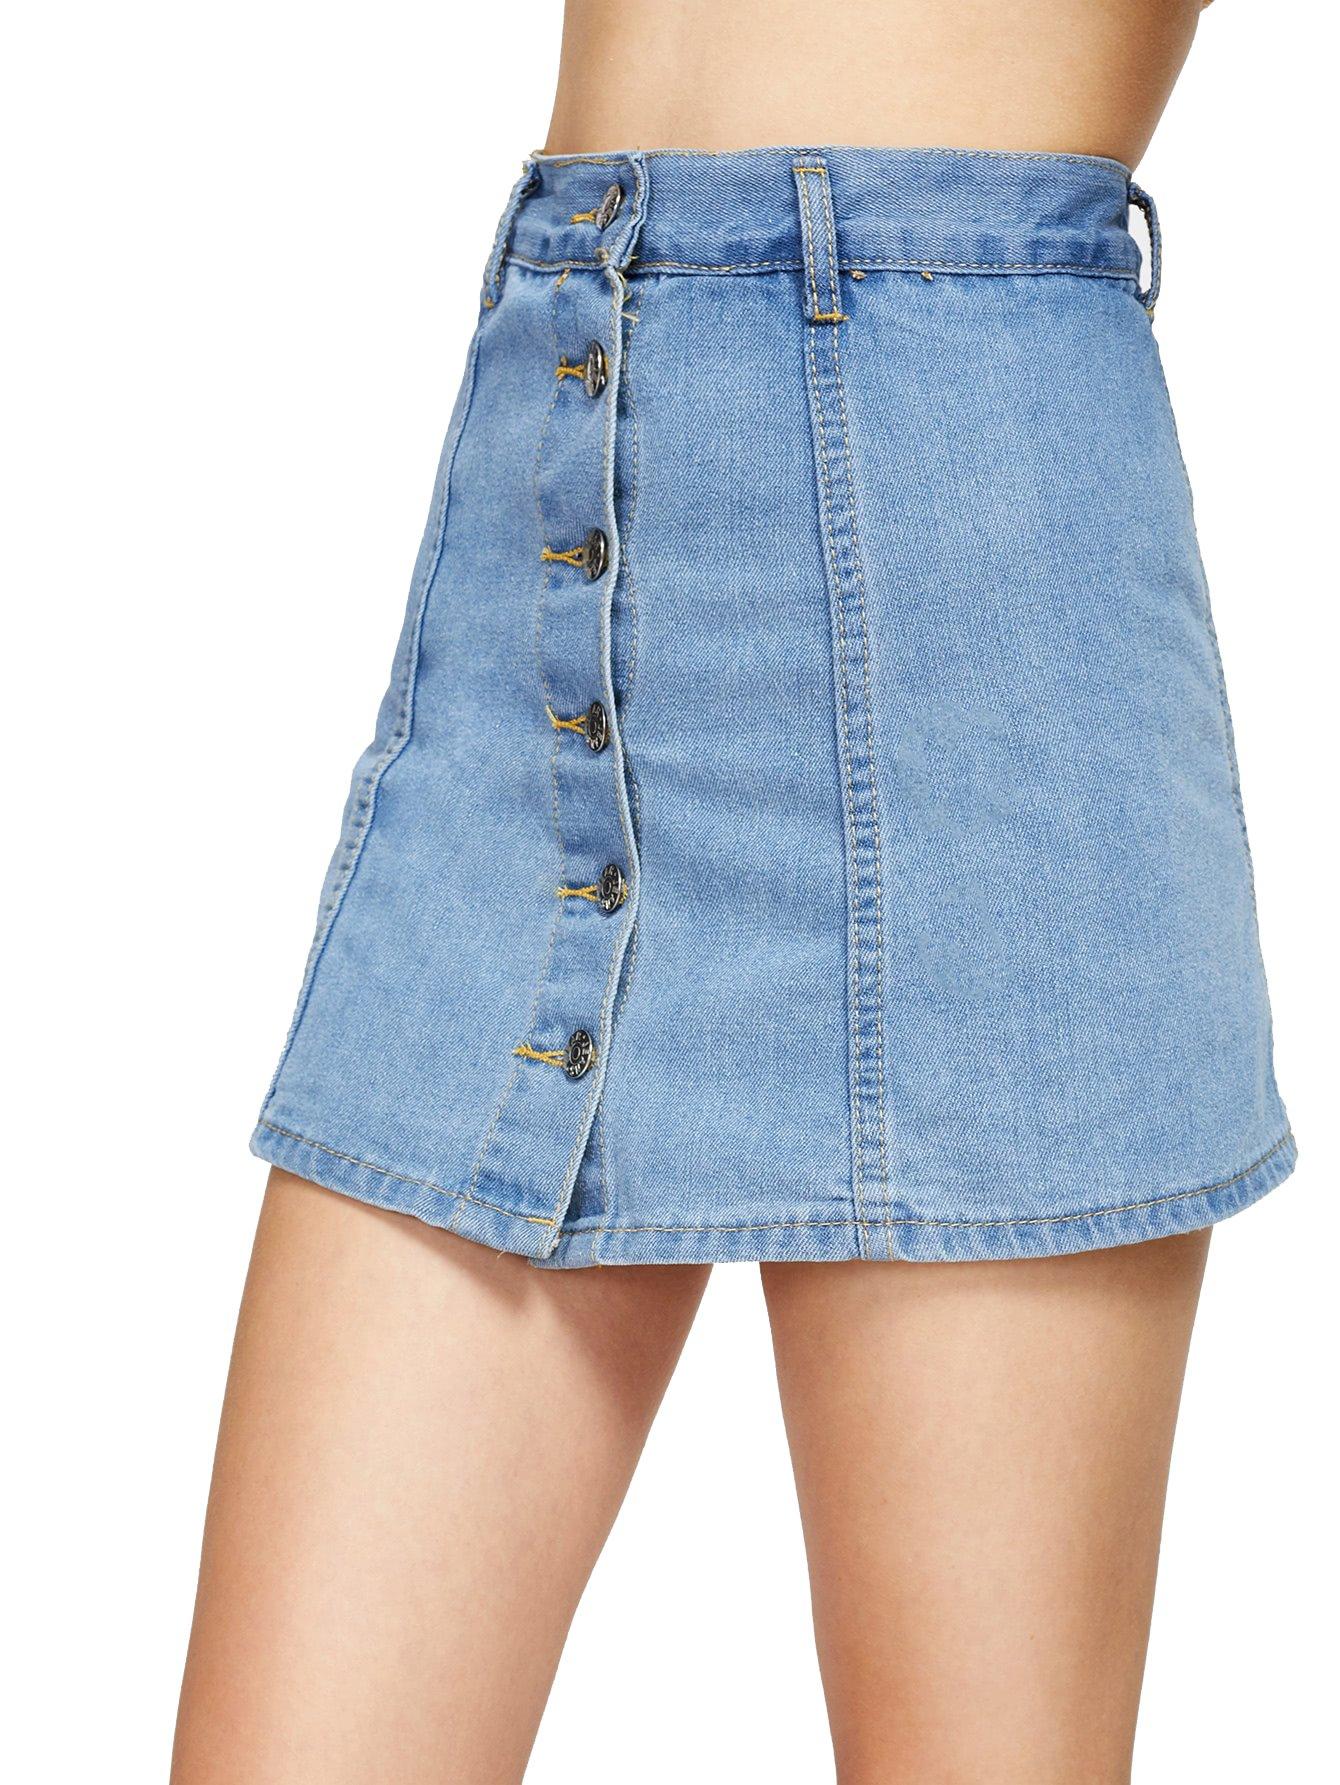 Verdusa Women's Casual Distressed Ripped A-Line Denim Short Skirt Light Blue M